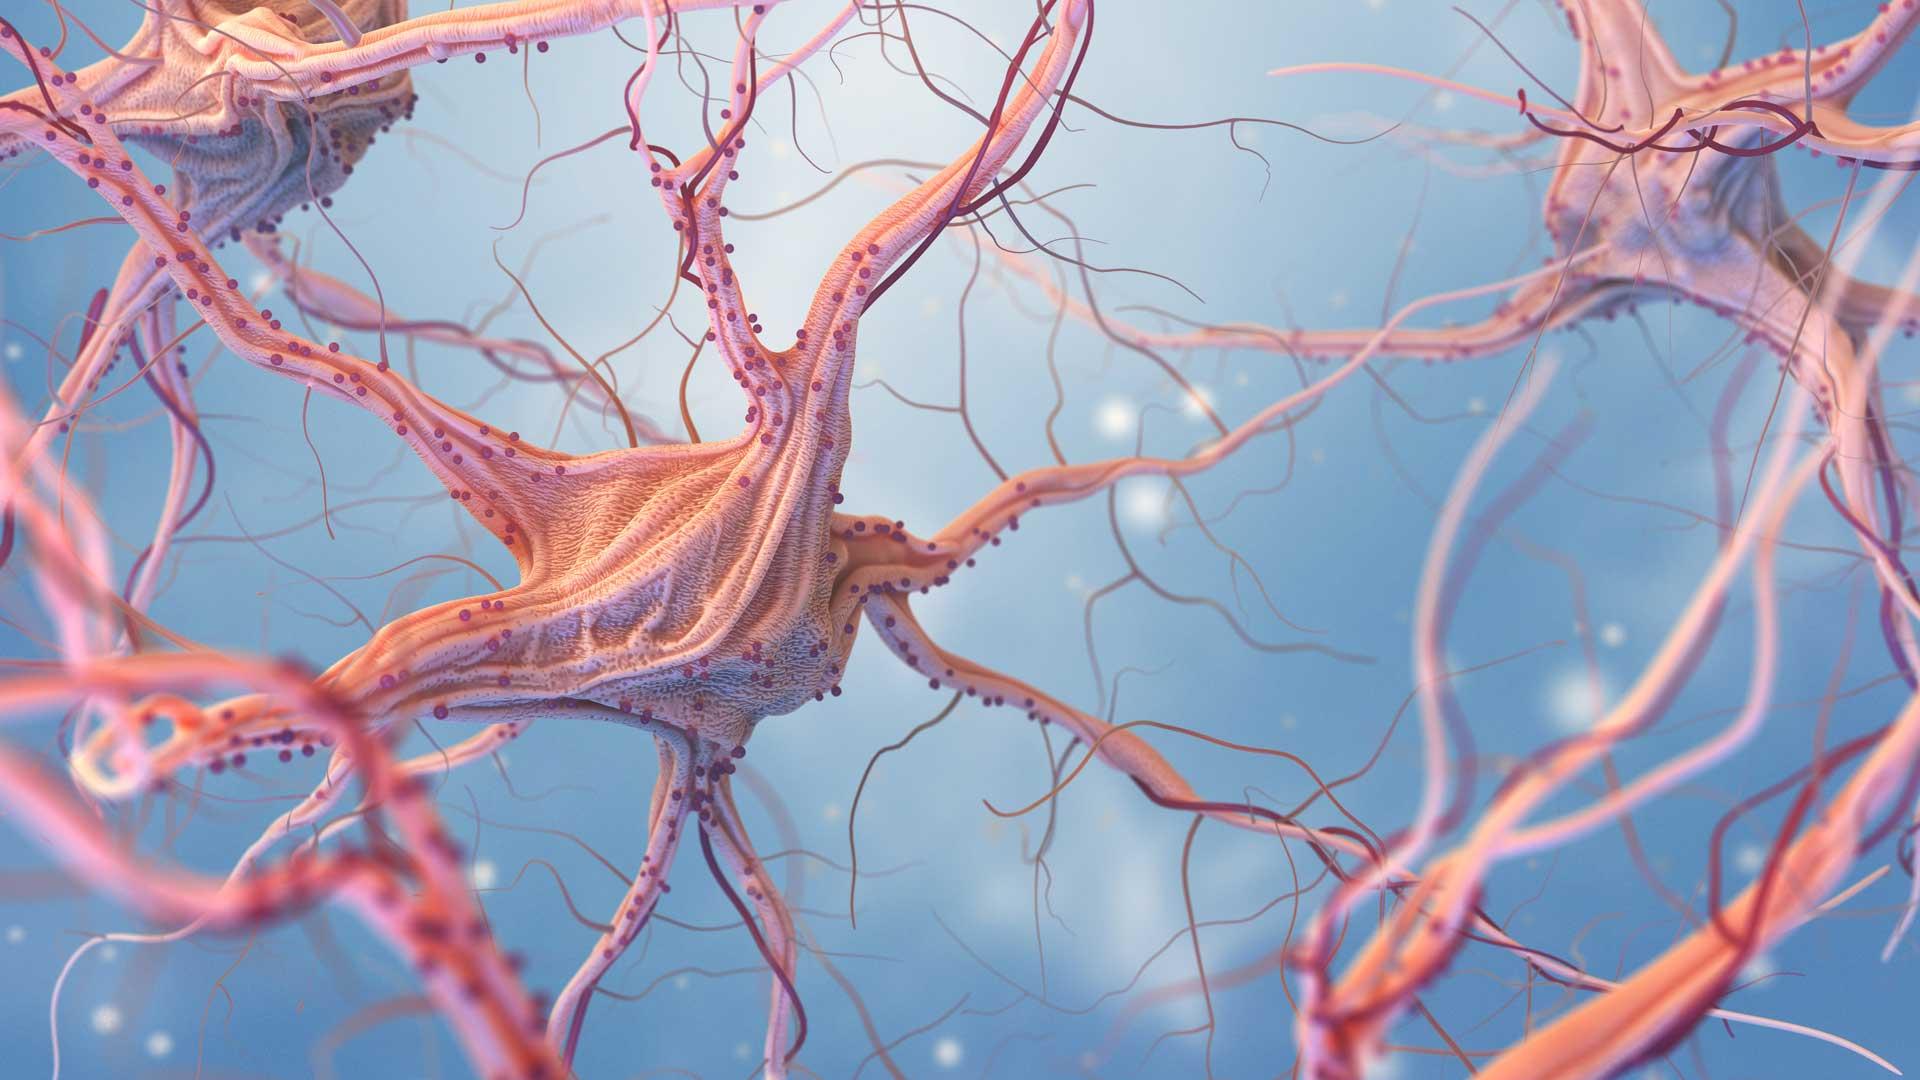 Neuroxeirourgio